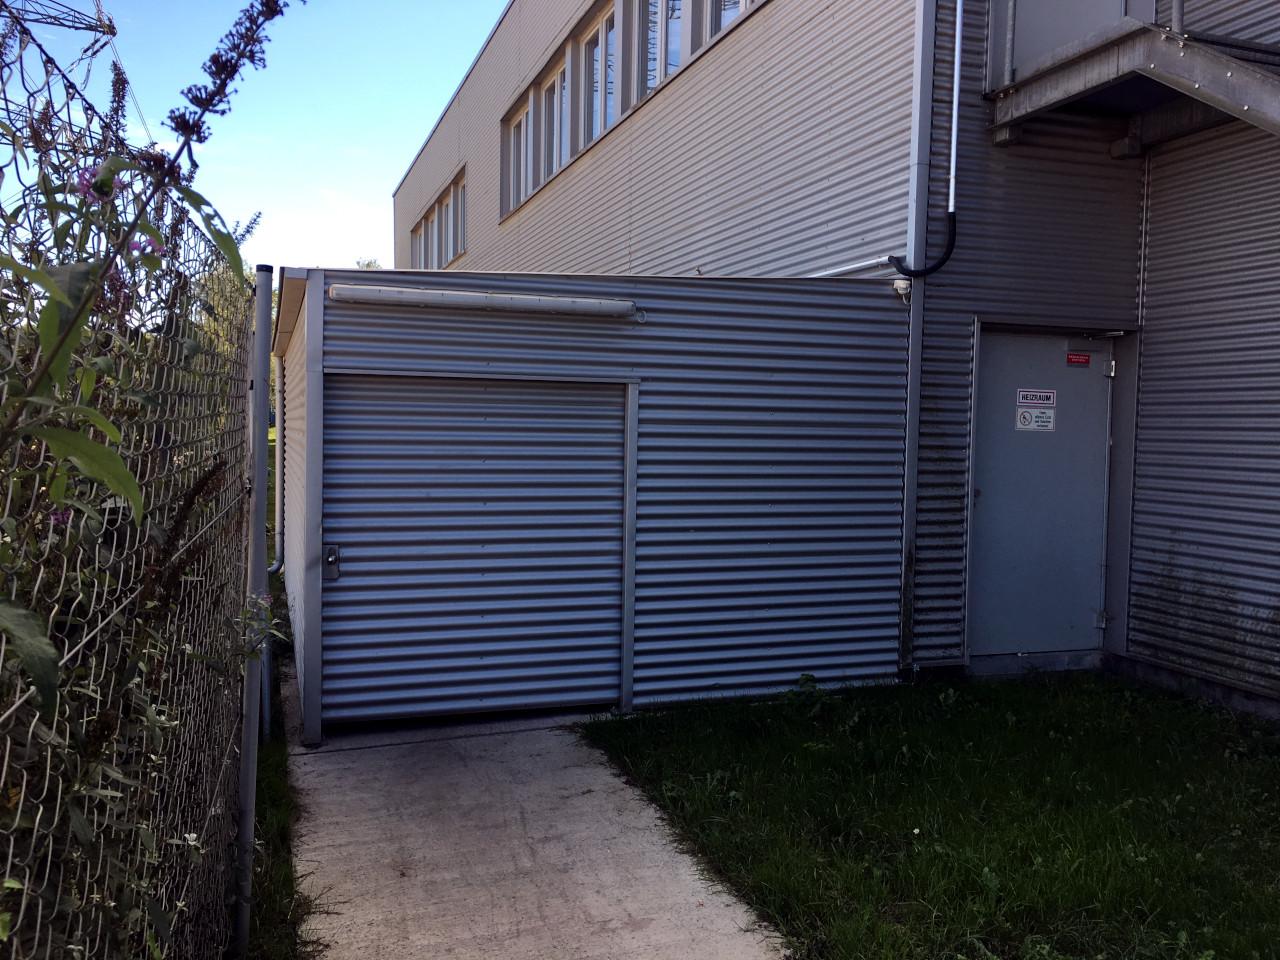 Stahlbau Mülleinhausng Wellblech